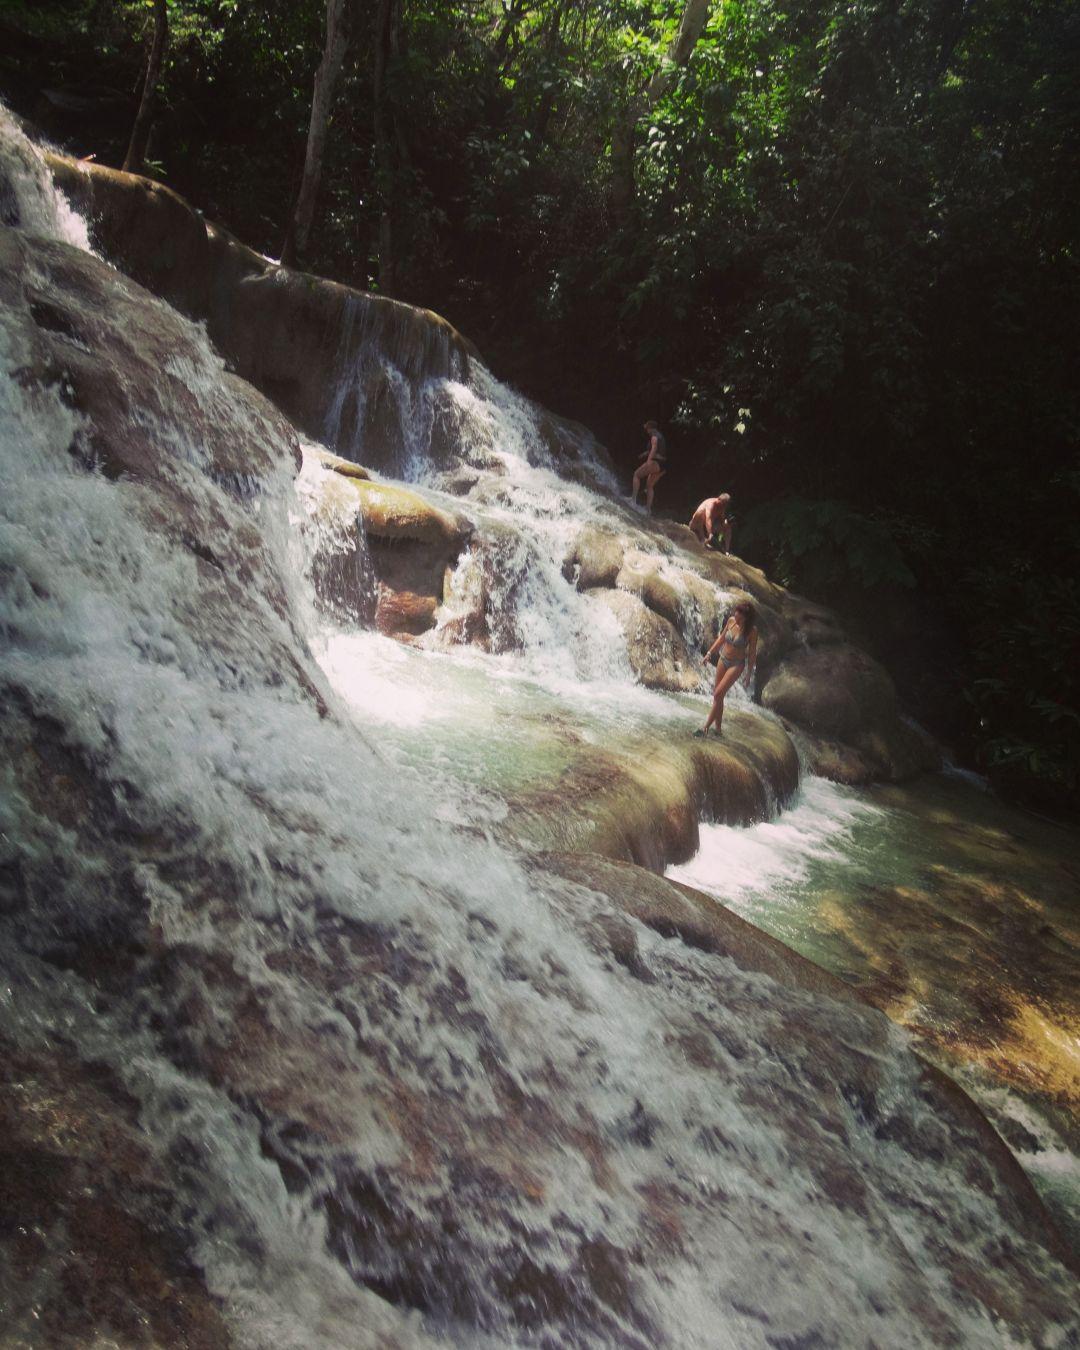 Dunns River falls - Ocho Ríos - Jamaica